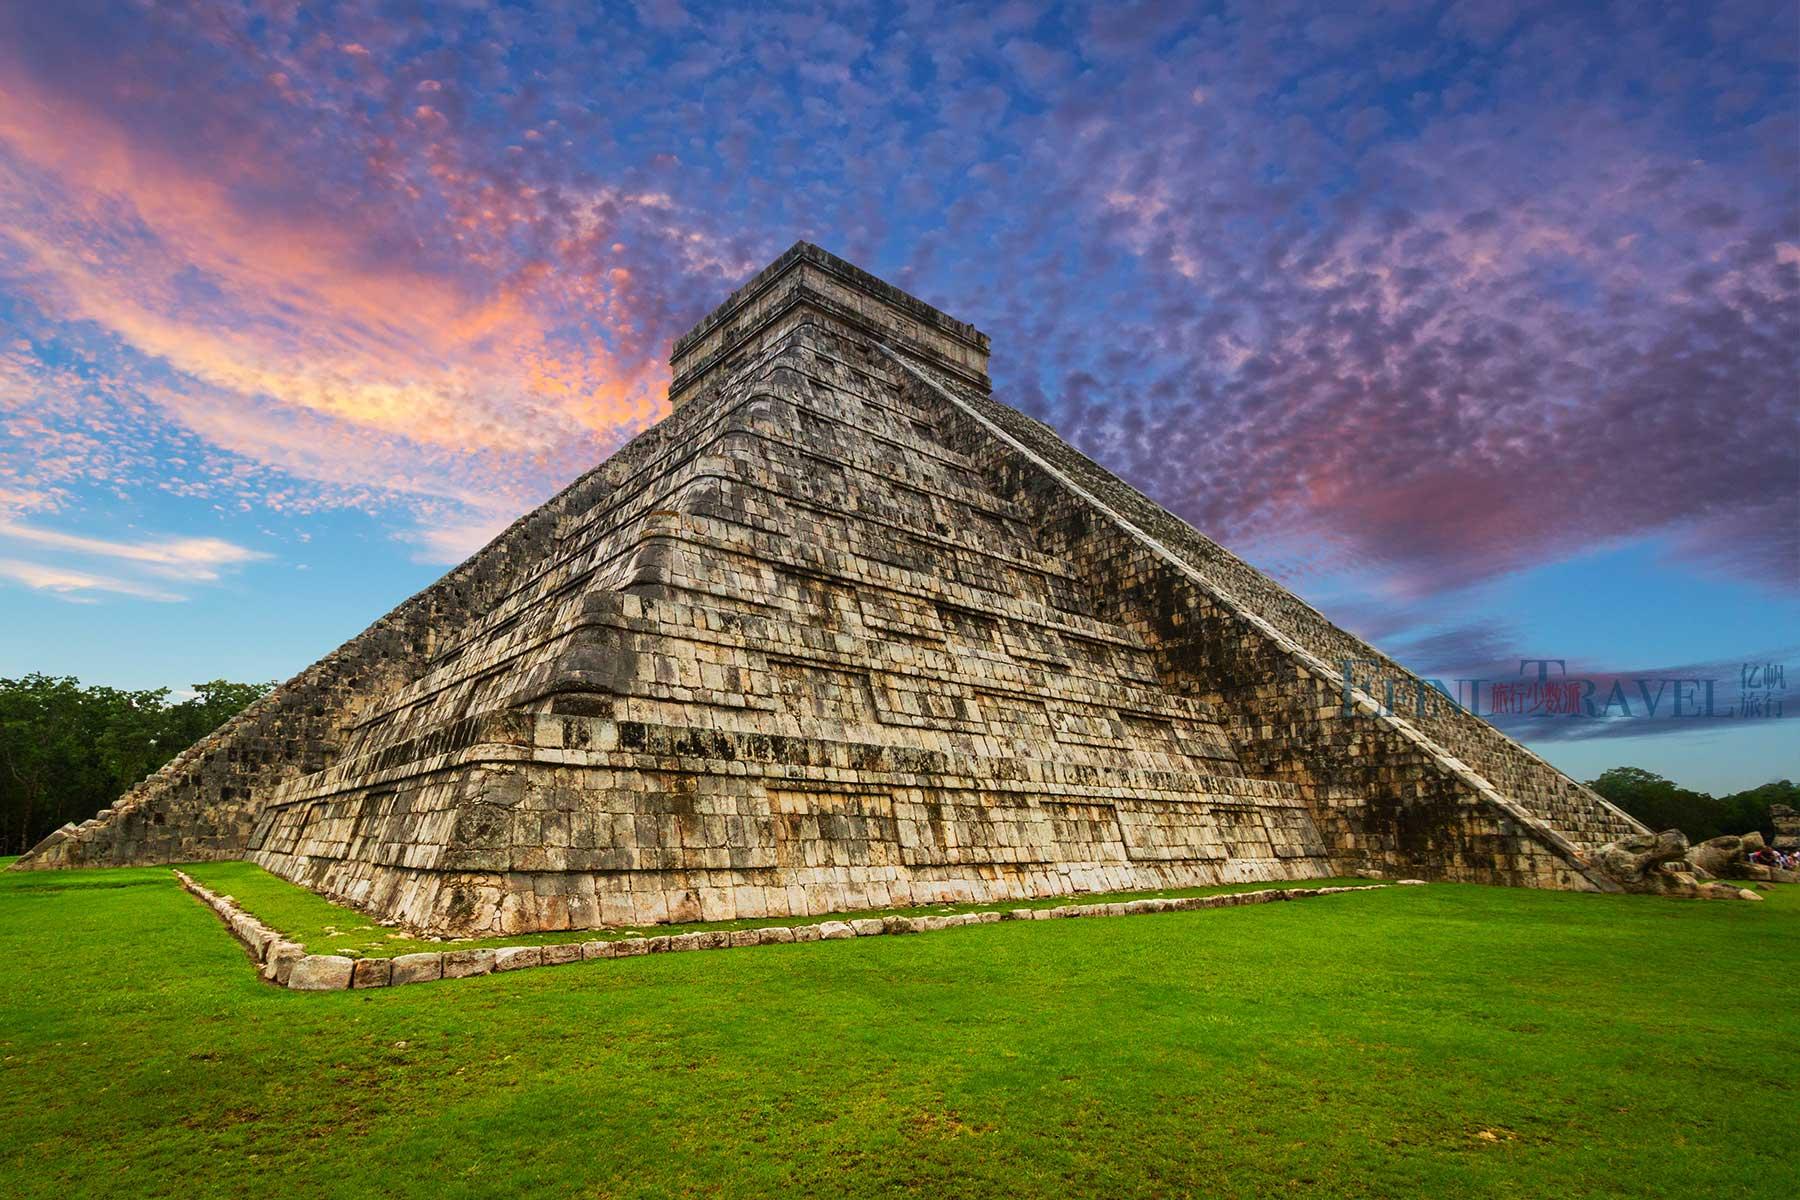 墨西哥玛雅遗址